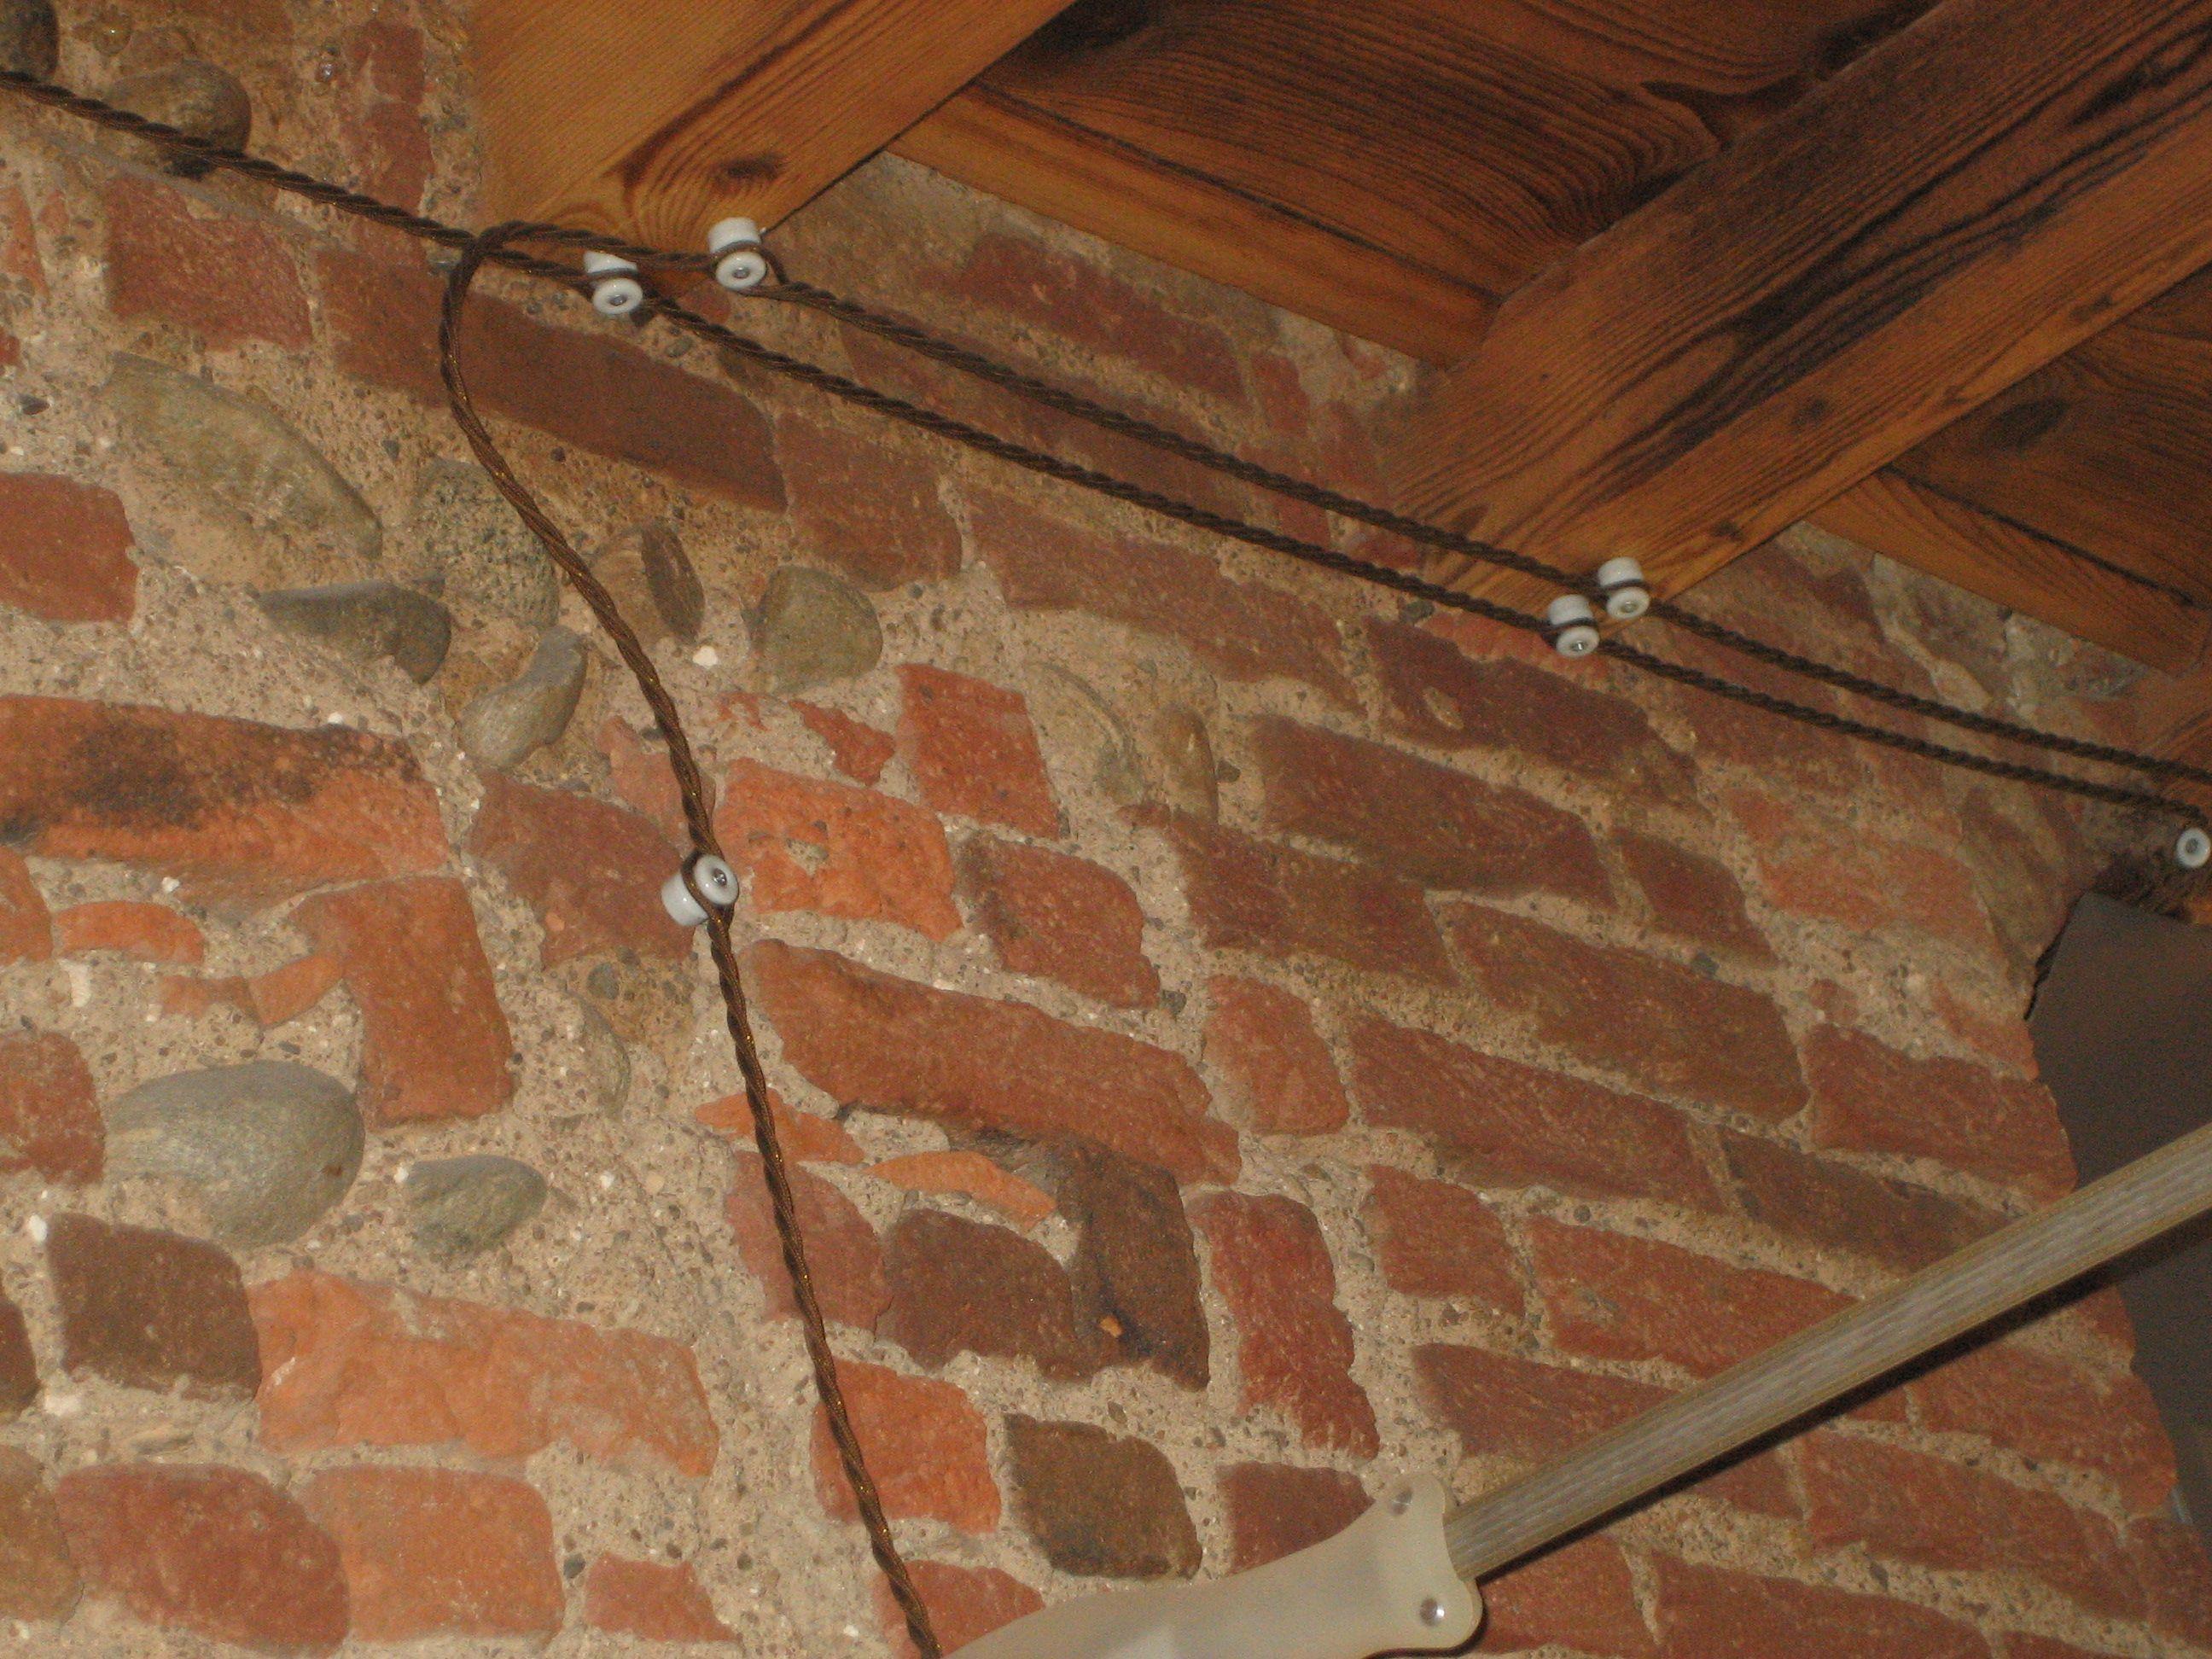 Impianto elettrico con isolatori in porcellana e cavo elettrico intrecciato in tessuto colorato - Impianti elettrici a vista per interni ...